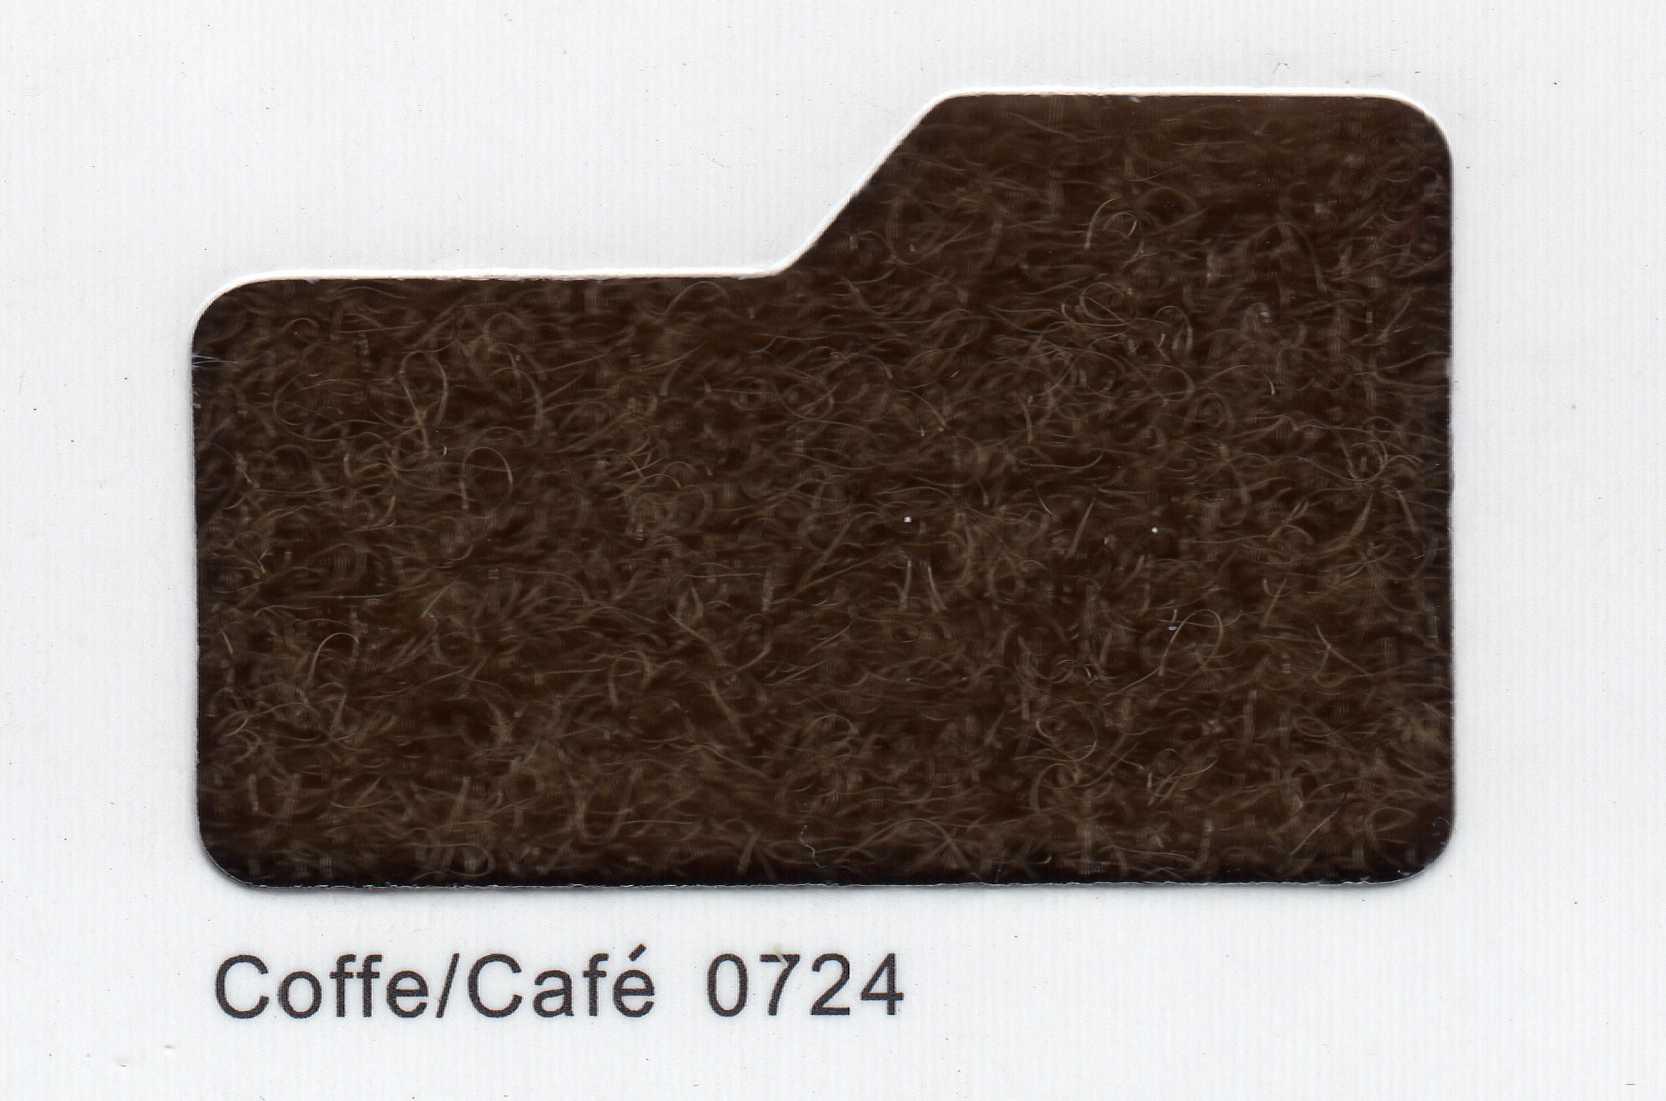 Cinta de cierre Velcro-Veraco 30mm Café 0724 (Rizo).